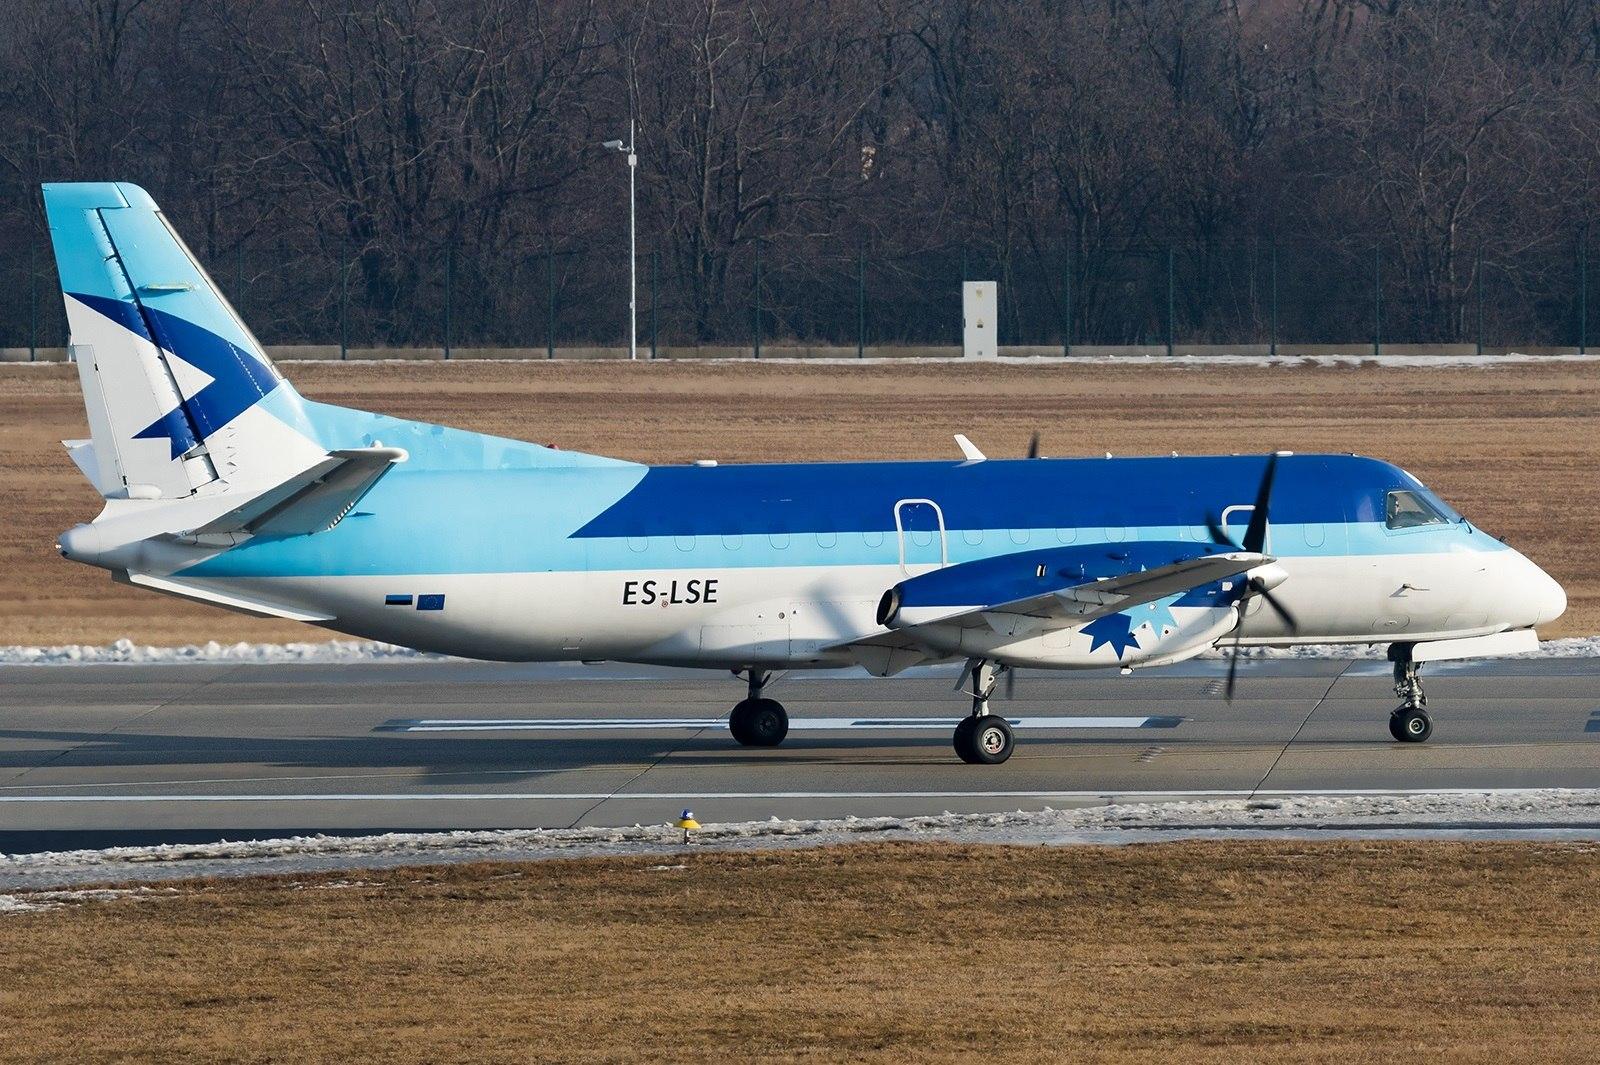 Пассажирский Saab авиакомпании Airest в аэропорту